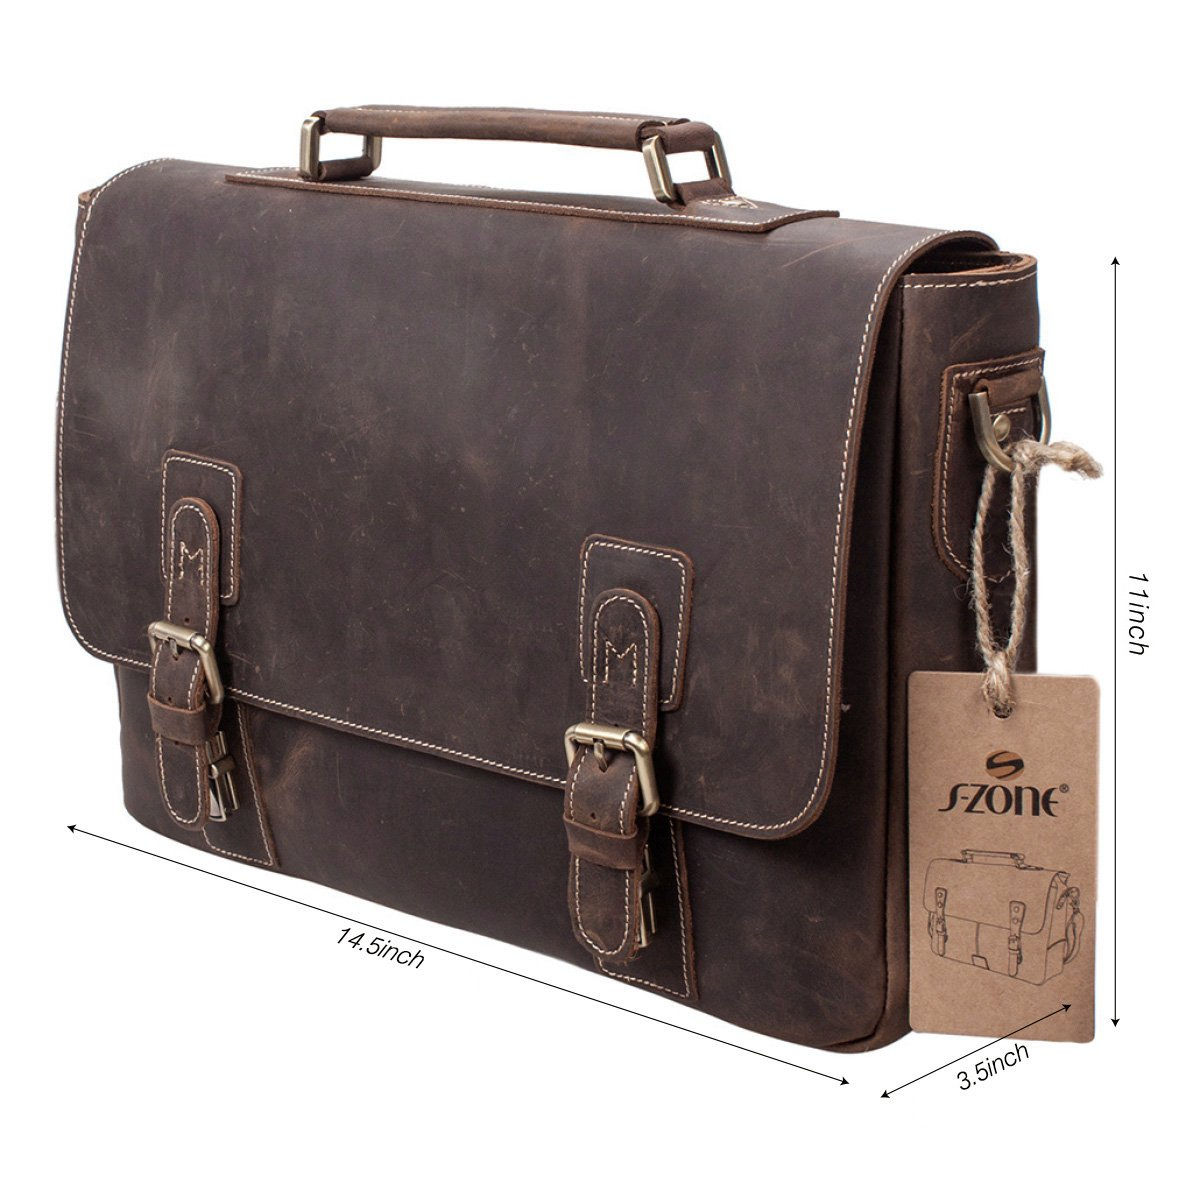 ... Charles Varsity Messenger Bag ... vintage coach carrier S-ZONE Mens  Crazy-Horse Leather Business Briefcase shoulder laptop Bag (Dark Brown ... 63cf25b417